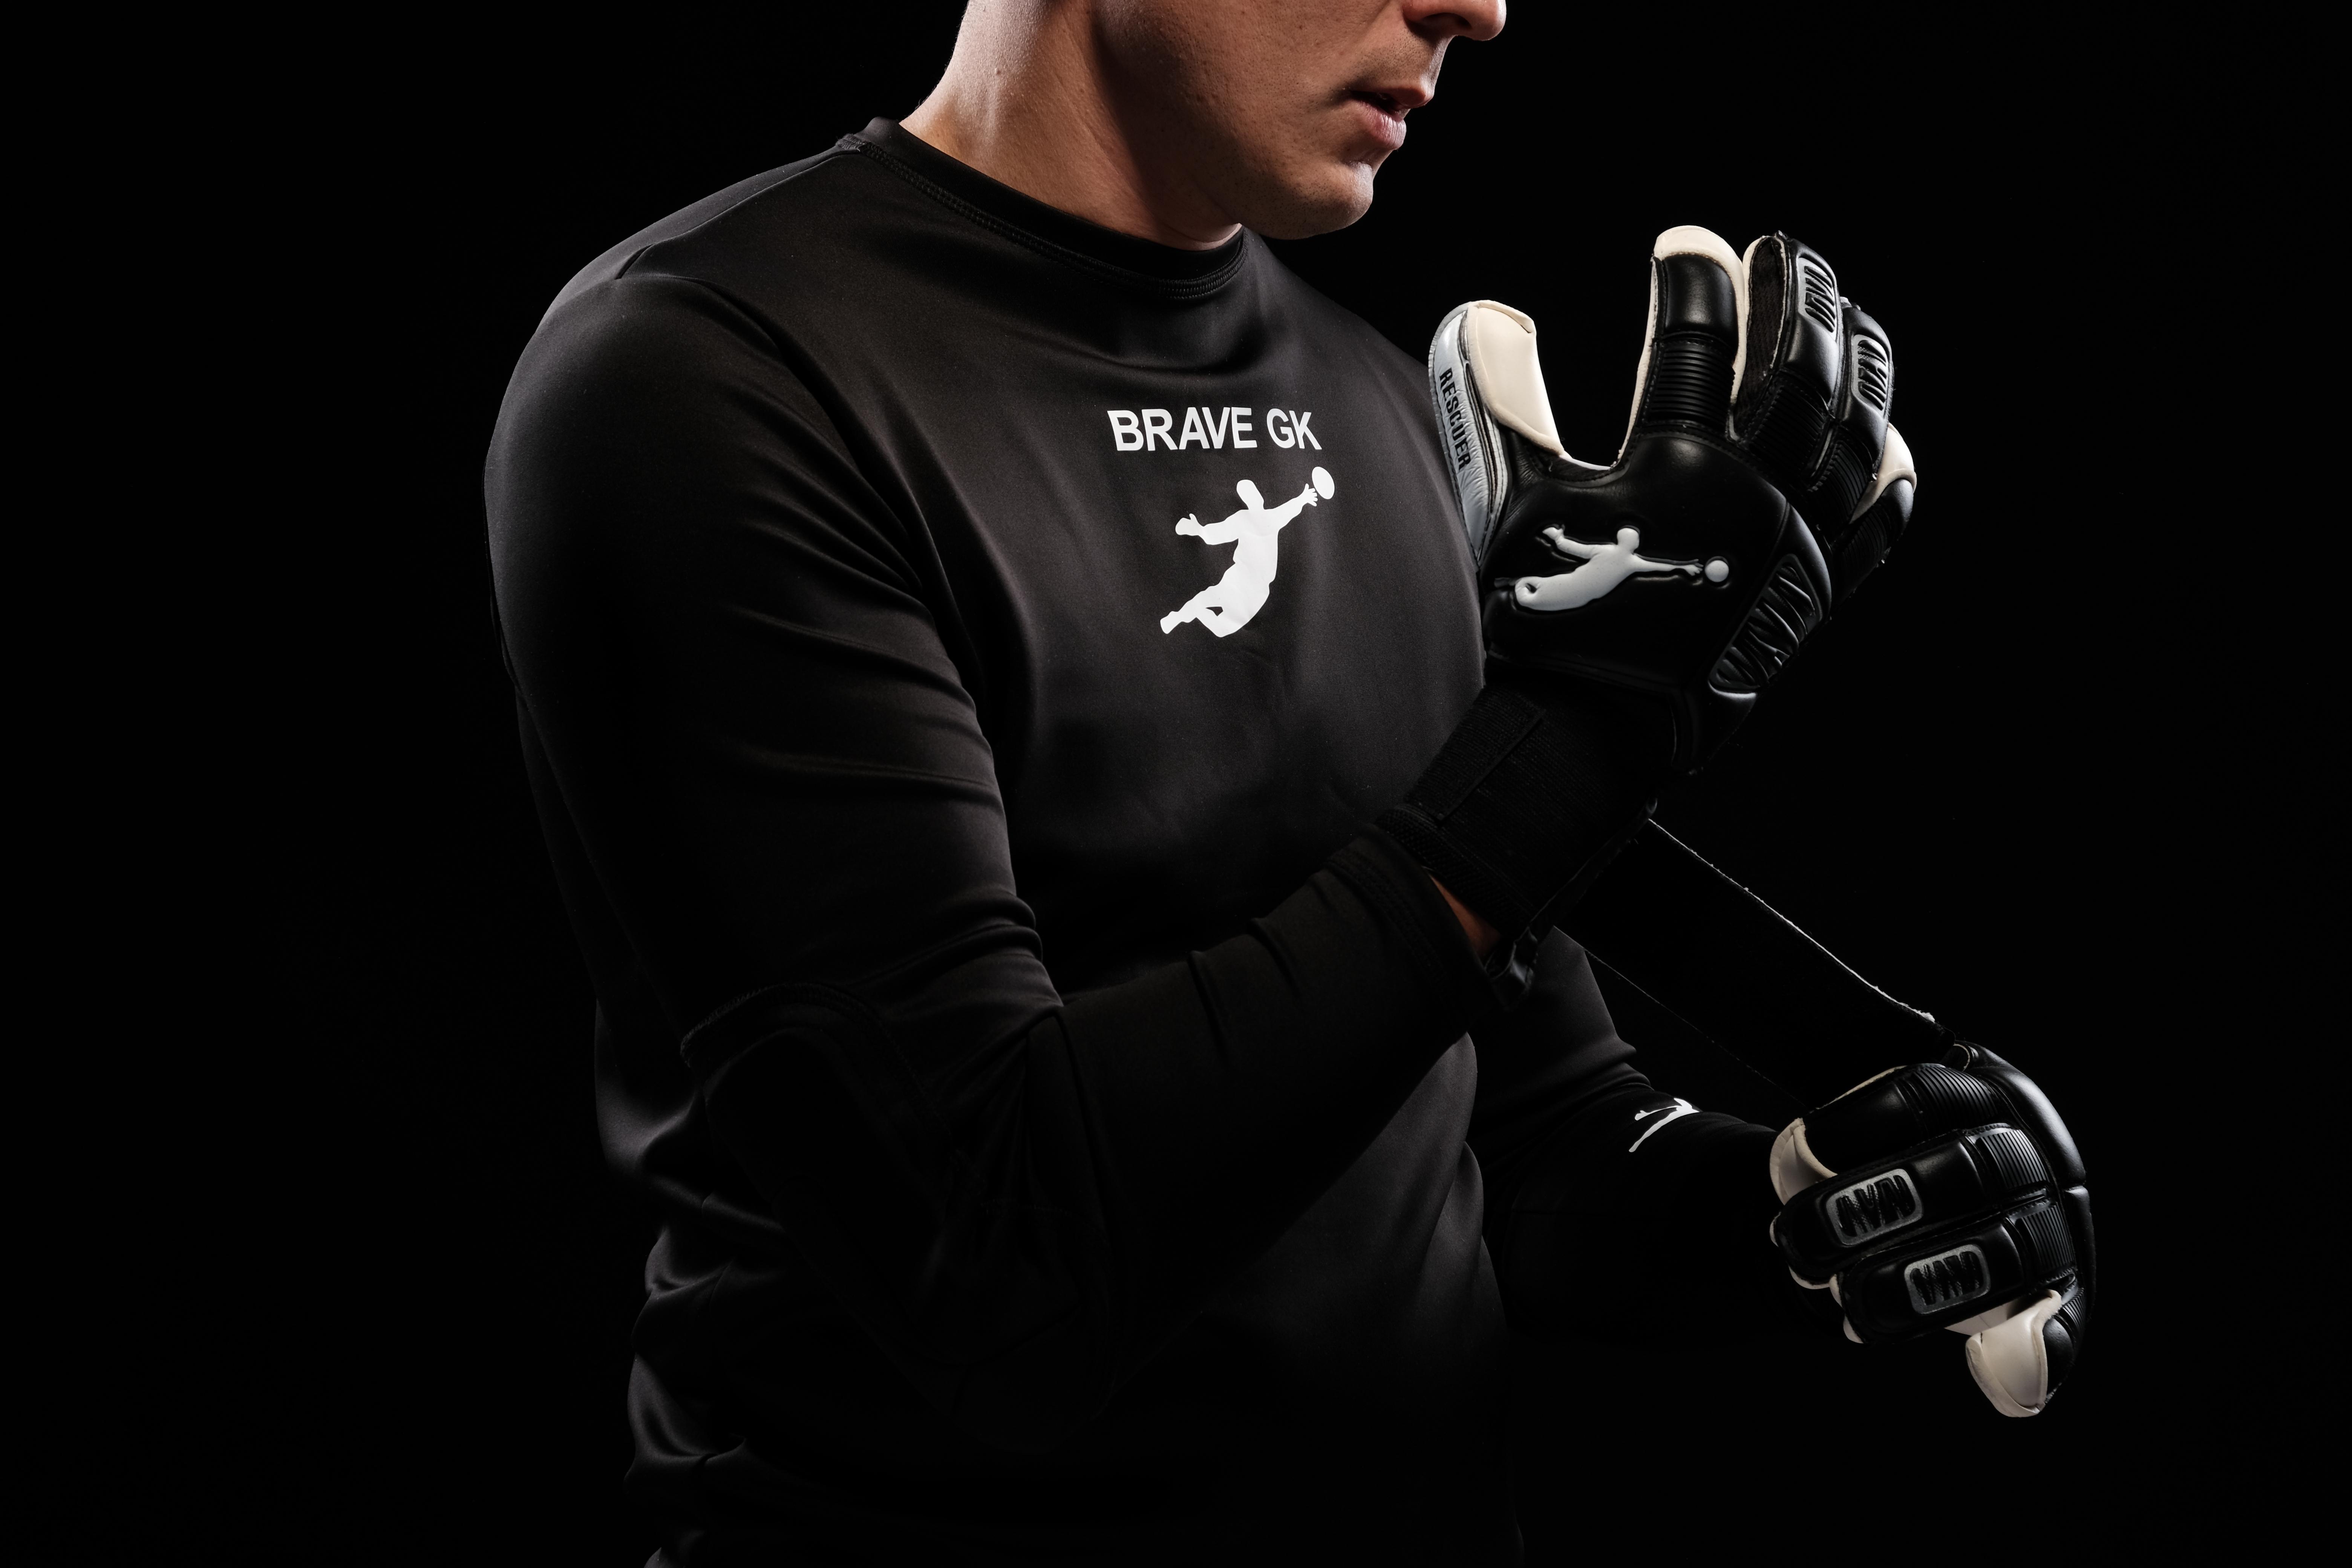 Goalkeeper thermal underwear Brave GK official shop Brave GK